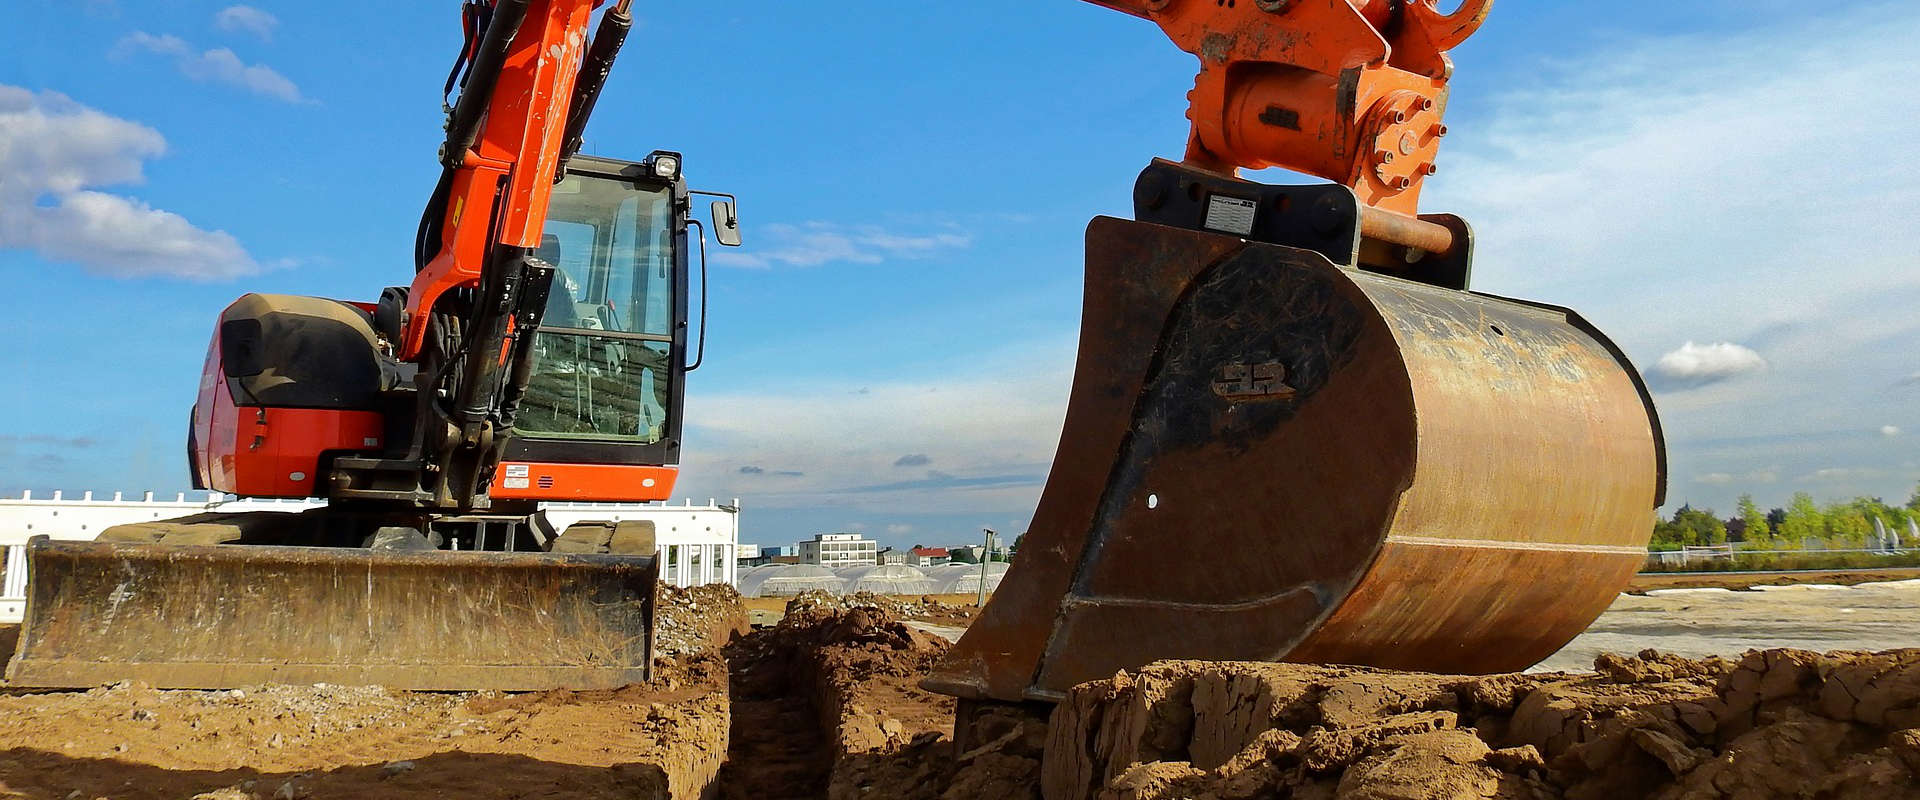 Prix pour travaux d'excavation au Québec